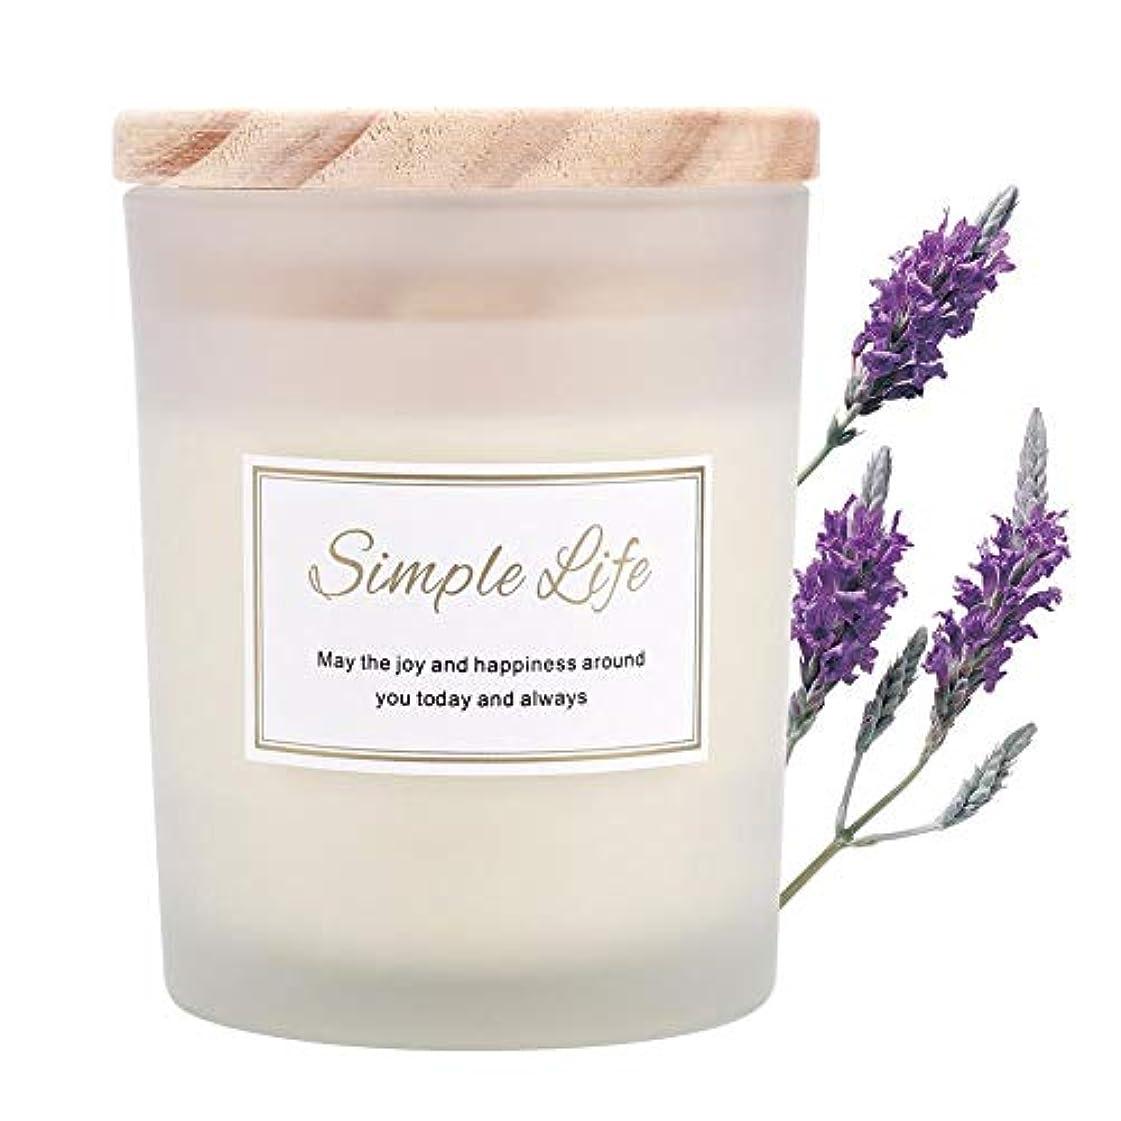 発音スペル息苦しい香料入りの蝋燭大豆ワックスガラス瓶キャンドルギフトイギリス梨&フリージア、ラベンダーの家の装飾(ラベンダー)